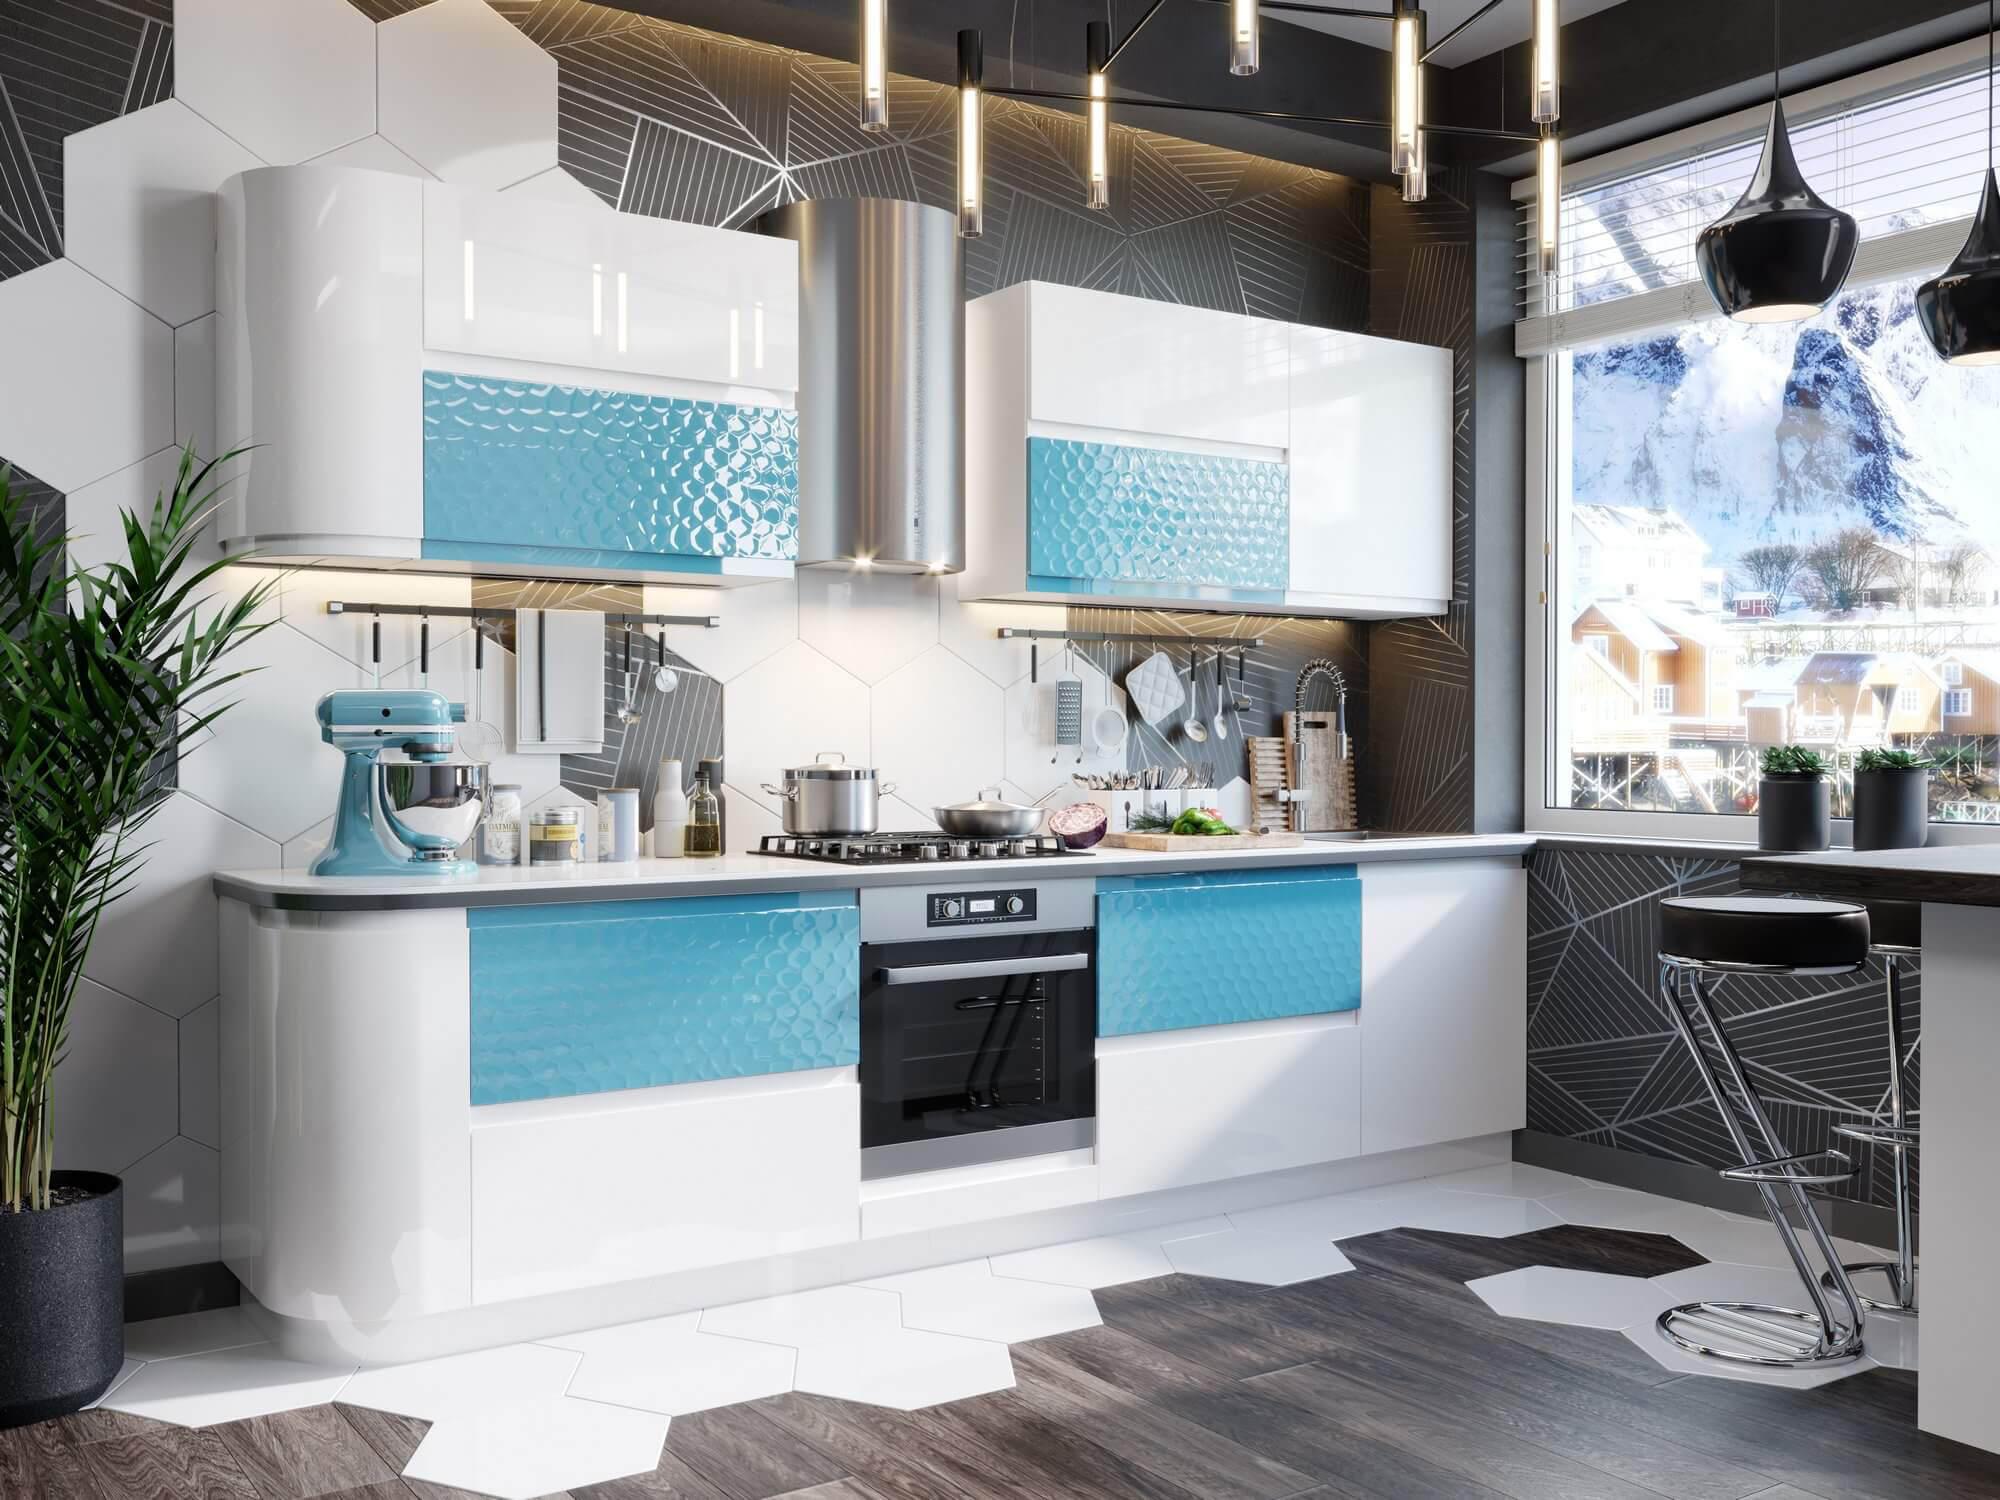 Модульная кухня Айсберри Аквайт (Белый/Белый глянец) купить в Кемерово в интернет-магазине Любимый дом